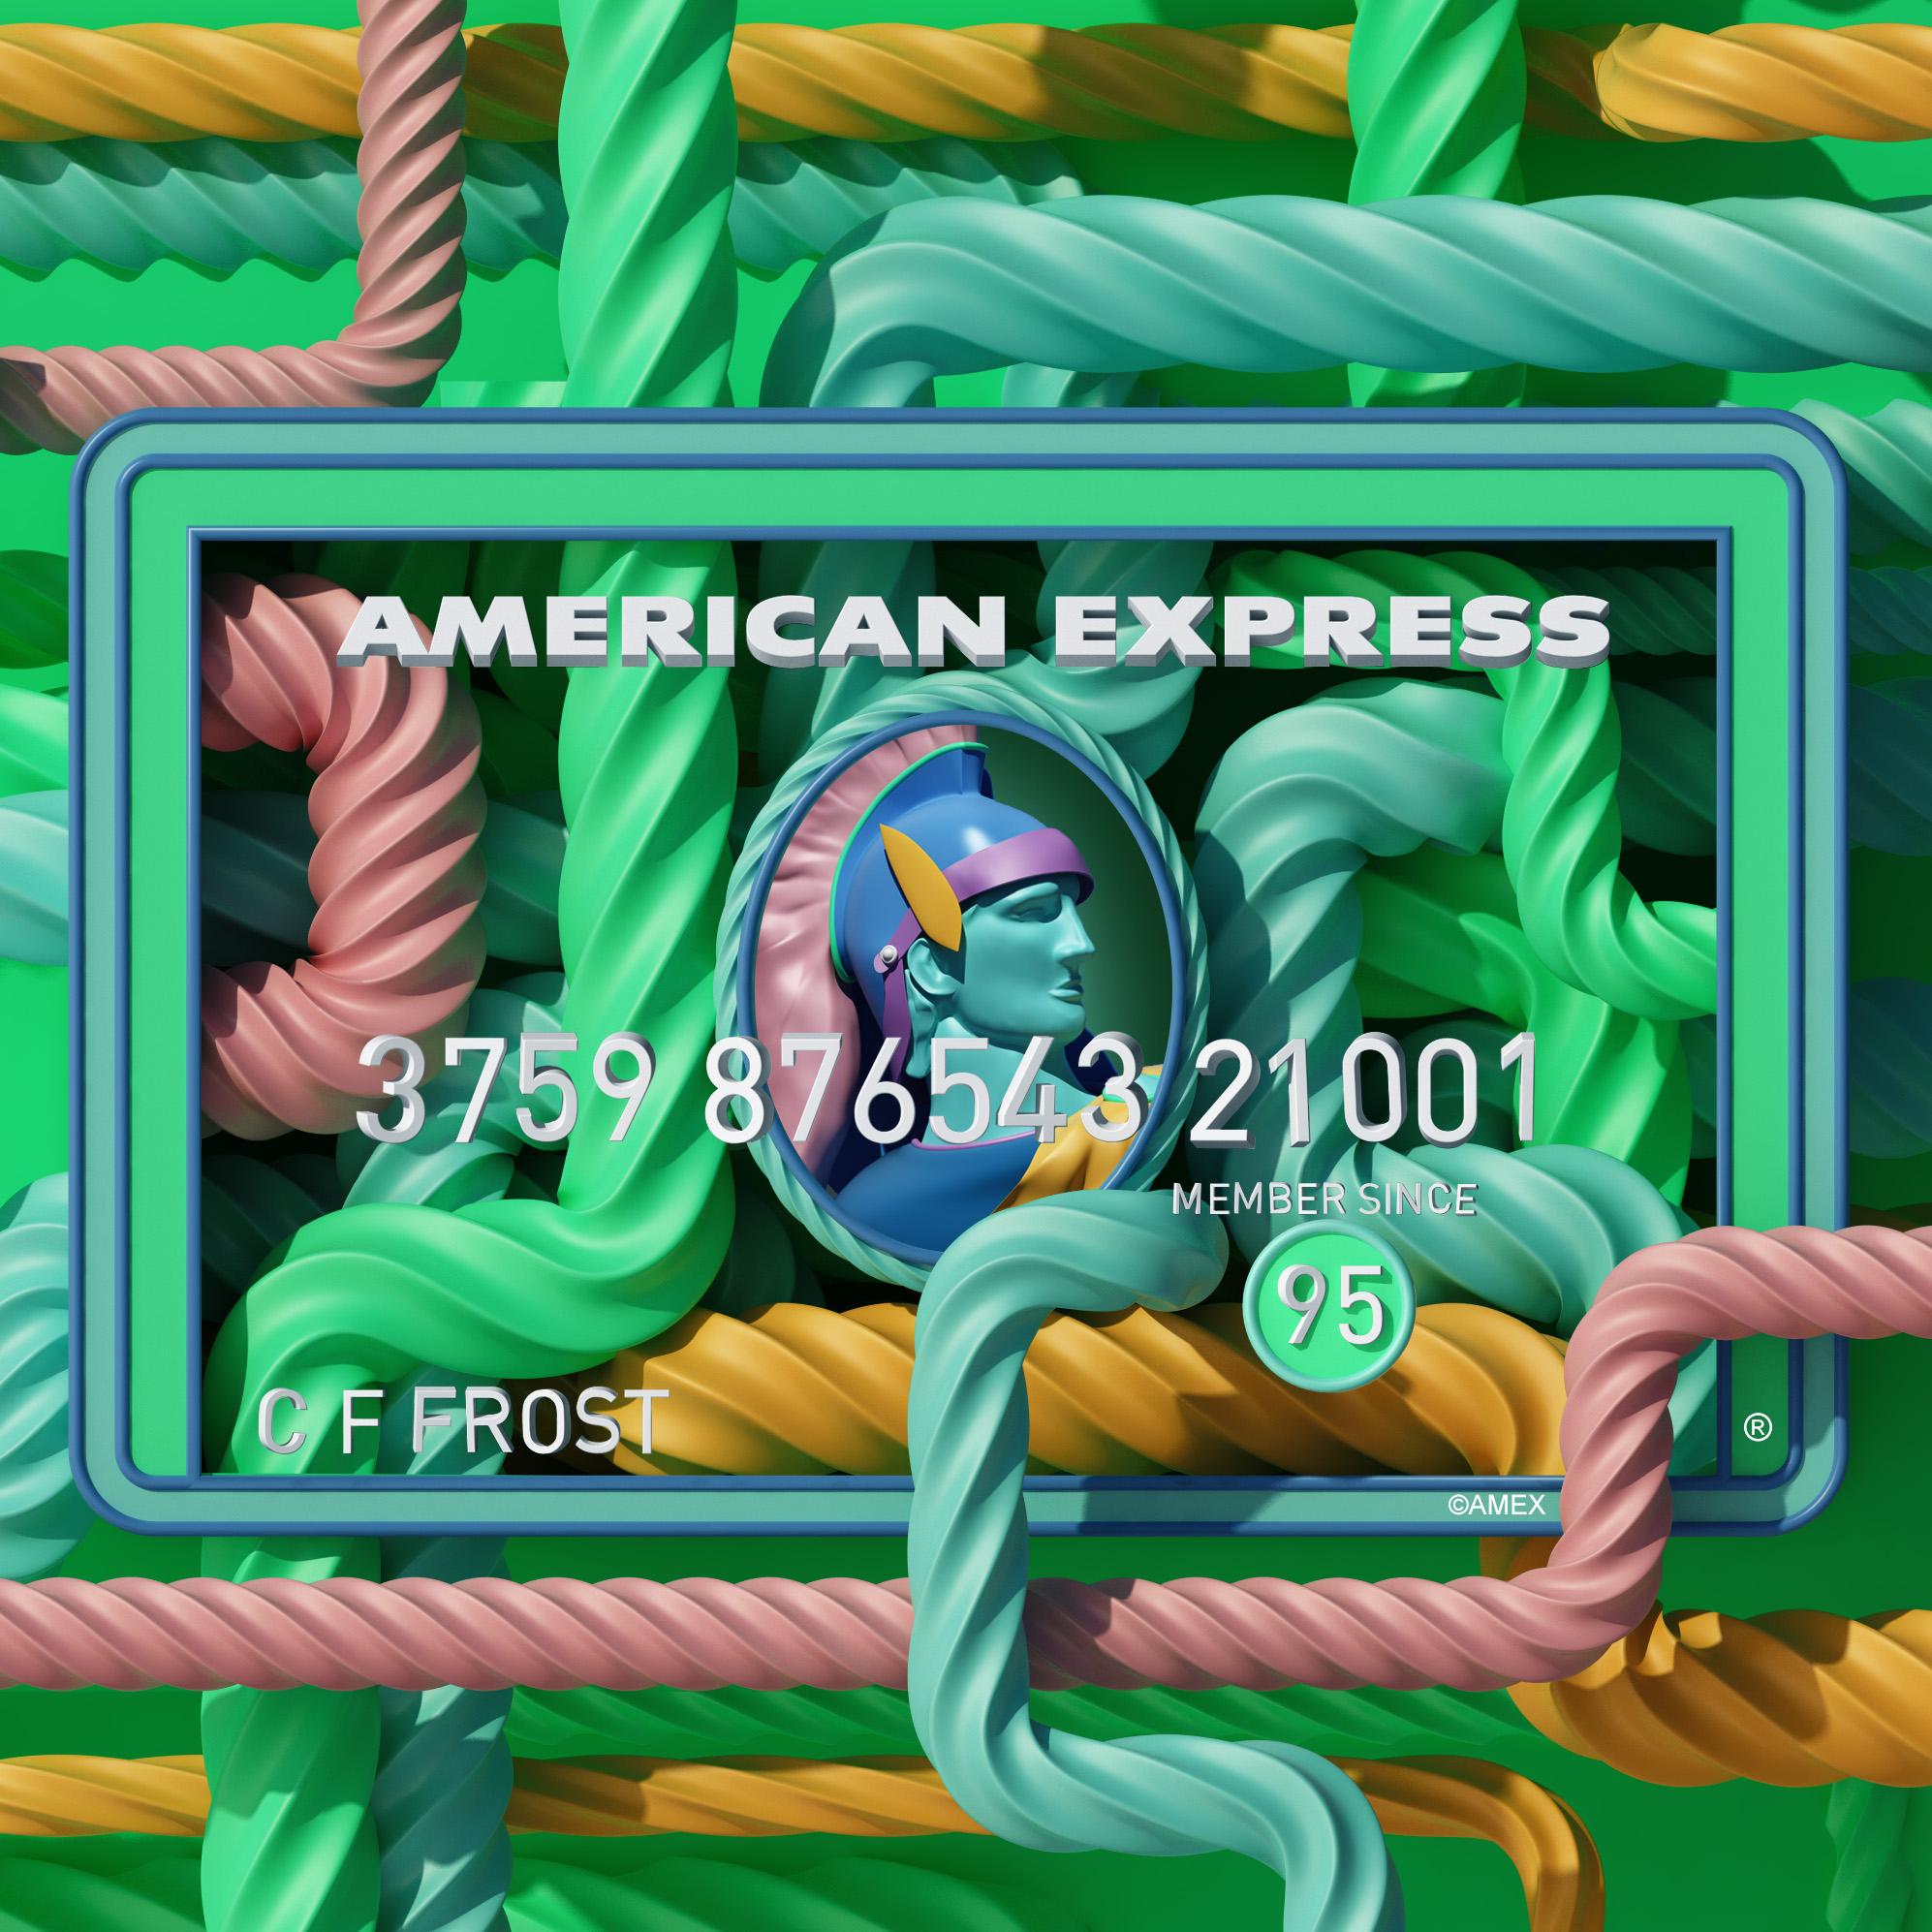 AMEX_Green_4.jpg